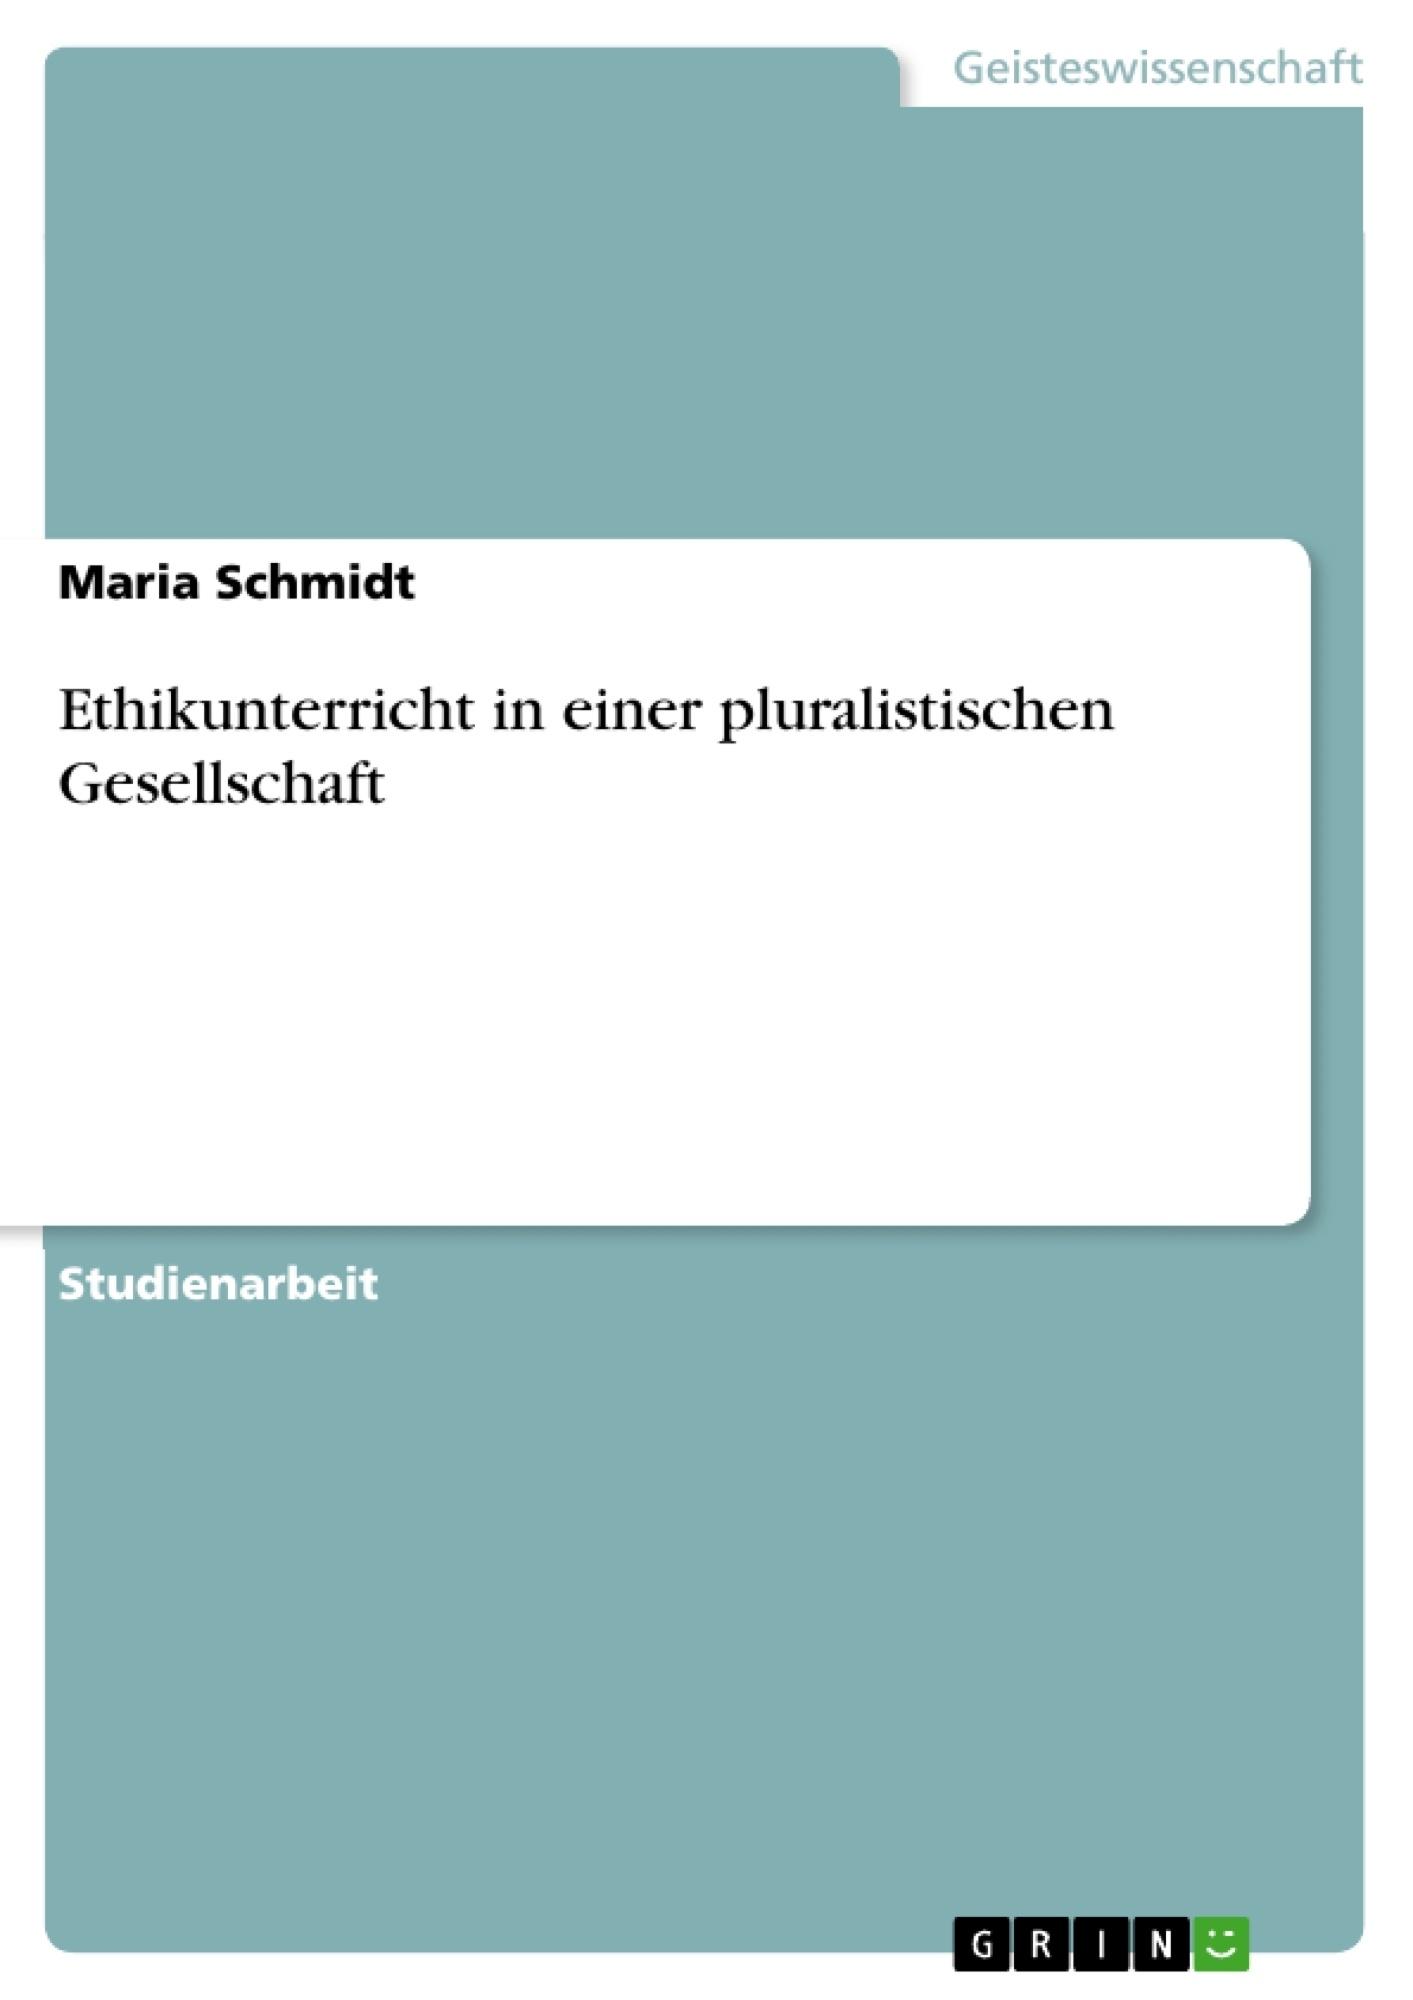 Titel: Ethikunterricht in einer pluralistischen Gesellschaft